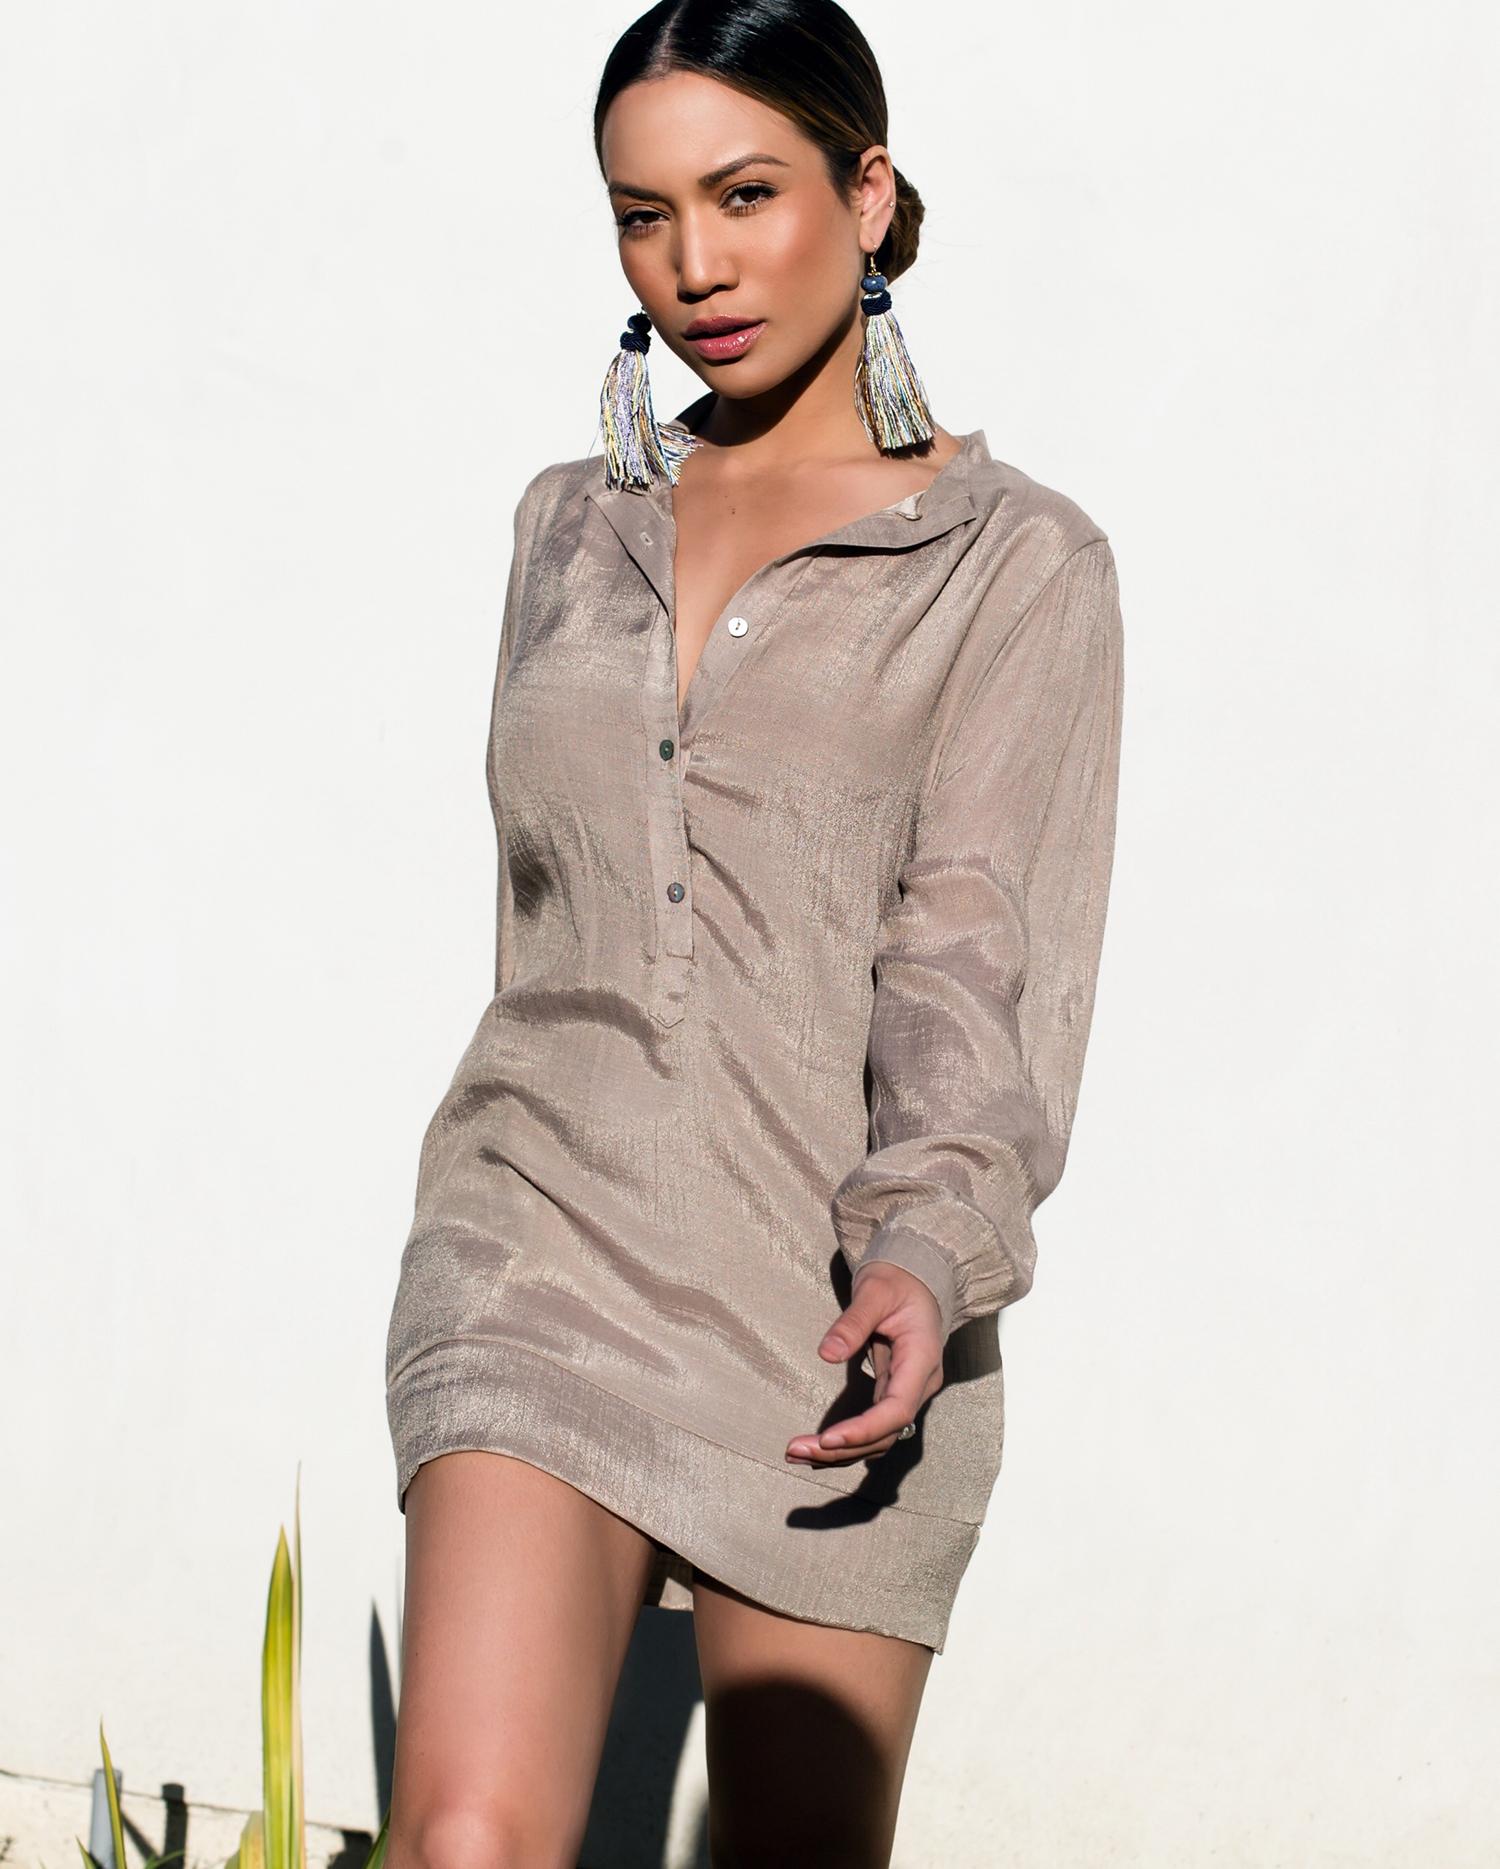 Jessi Malay wearing Misha Vaidya Dress